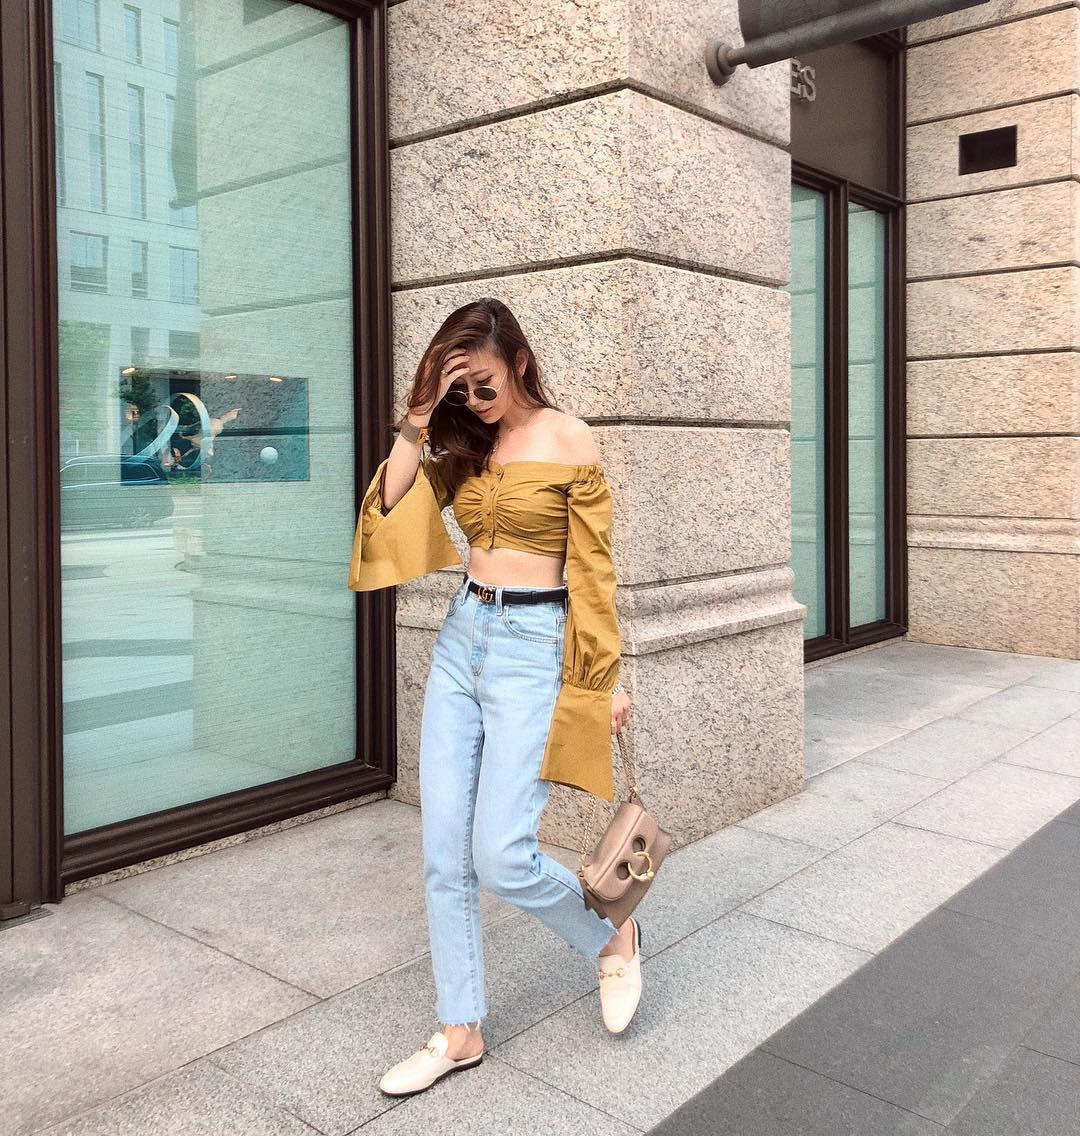 Đừng nghĩ mặc jeans là không điệu được, cứ nhìn các nàng blogger lên đồ cực xinh qua 15 set đồ này sẽ biết ngay - Ảnh 15